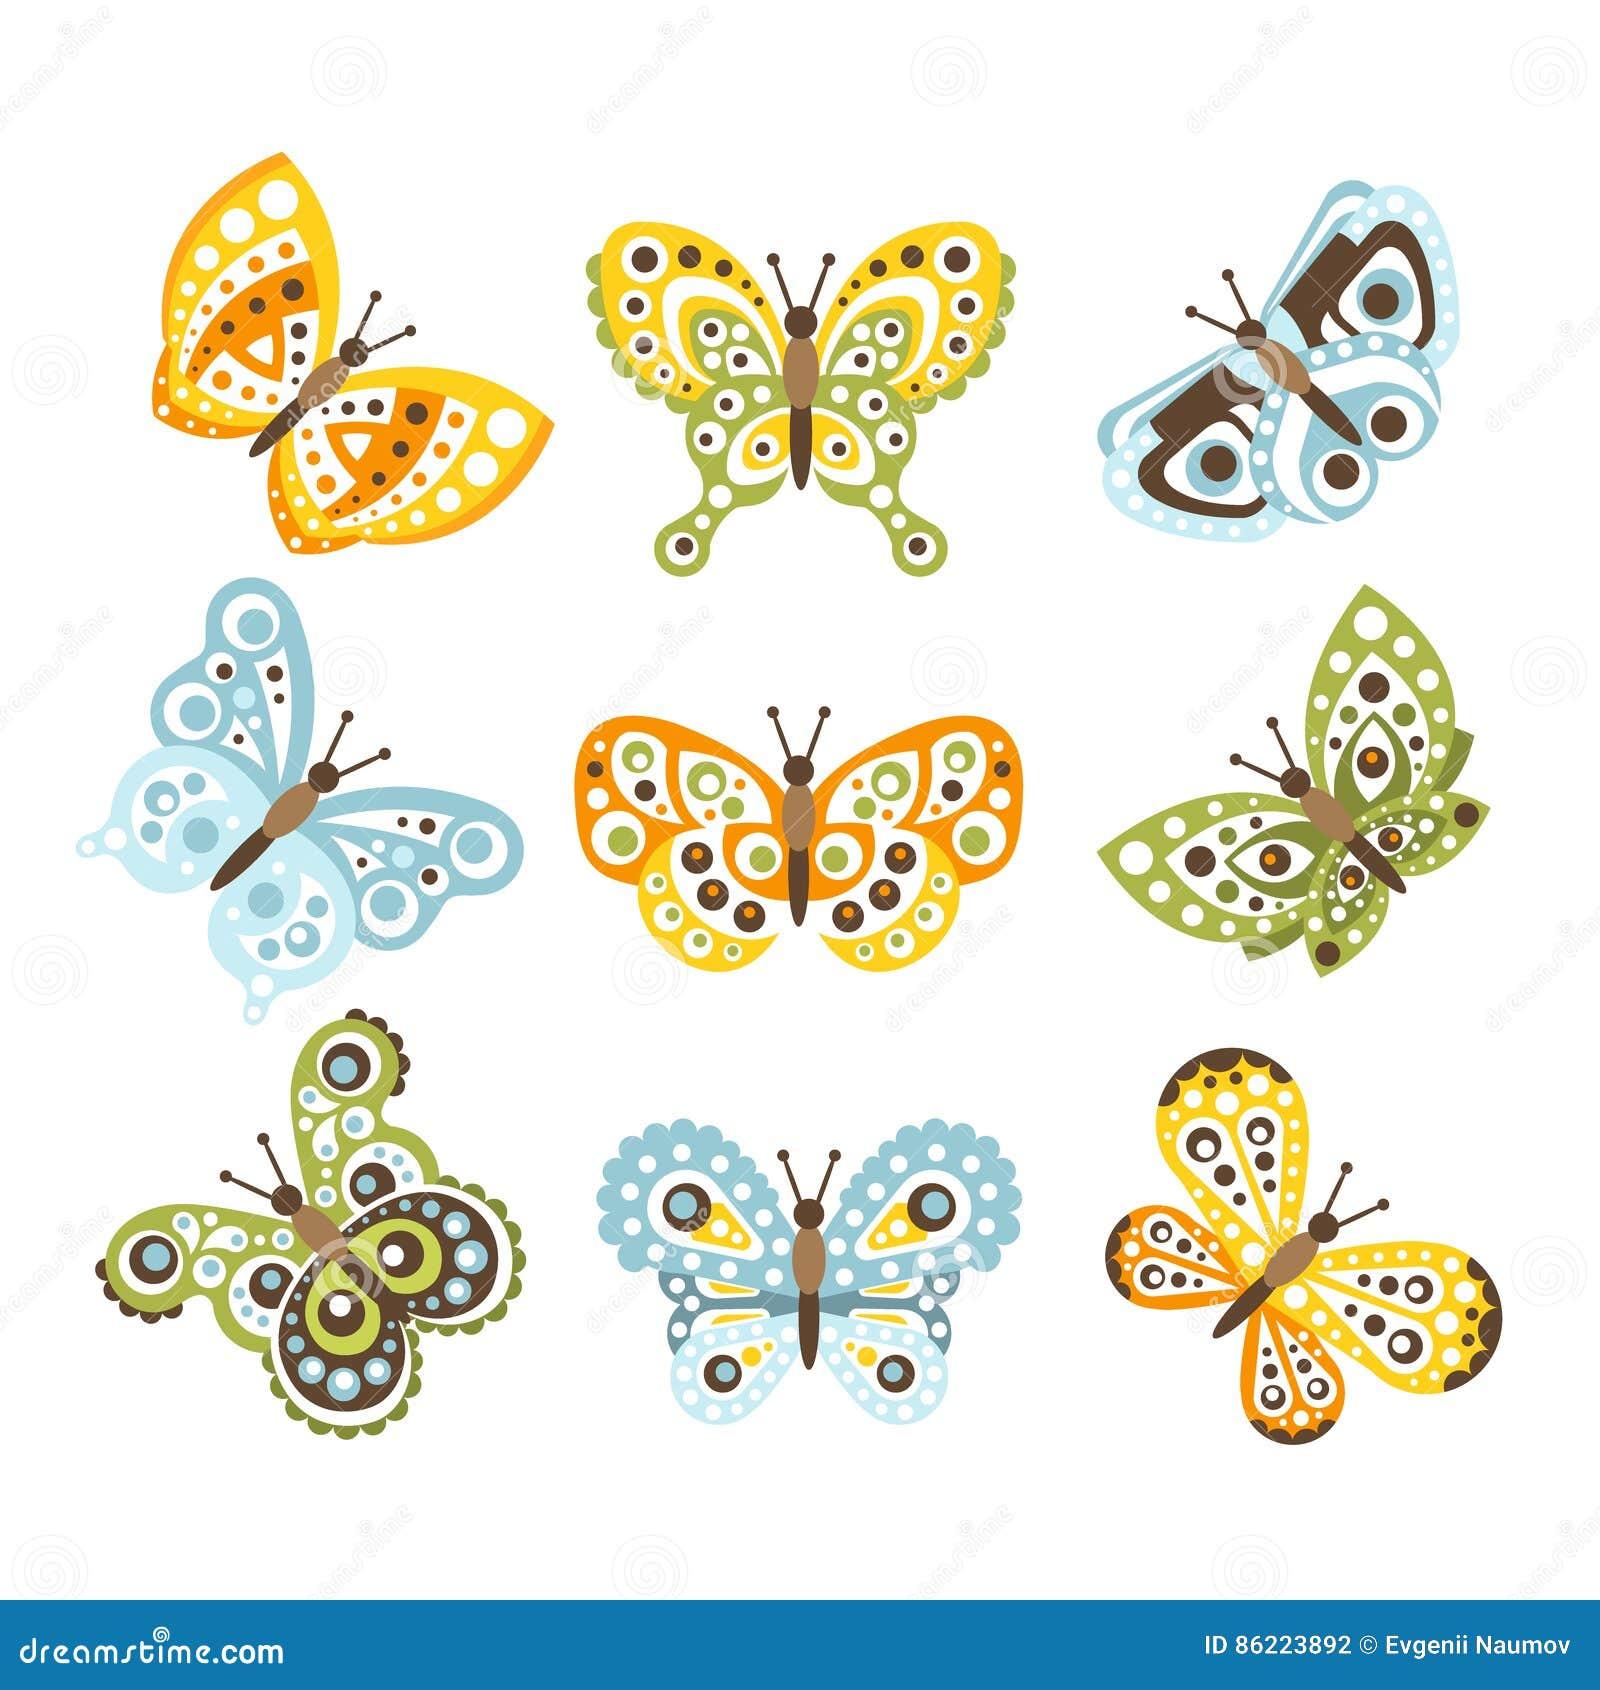 Fantastisk tropisk fjäril med skraj designmodeller på vinguppsättningen av idérika krypteckningar